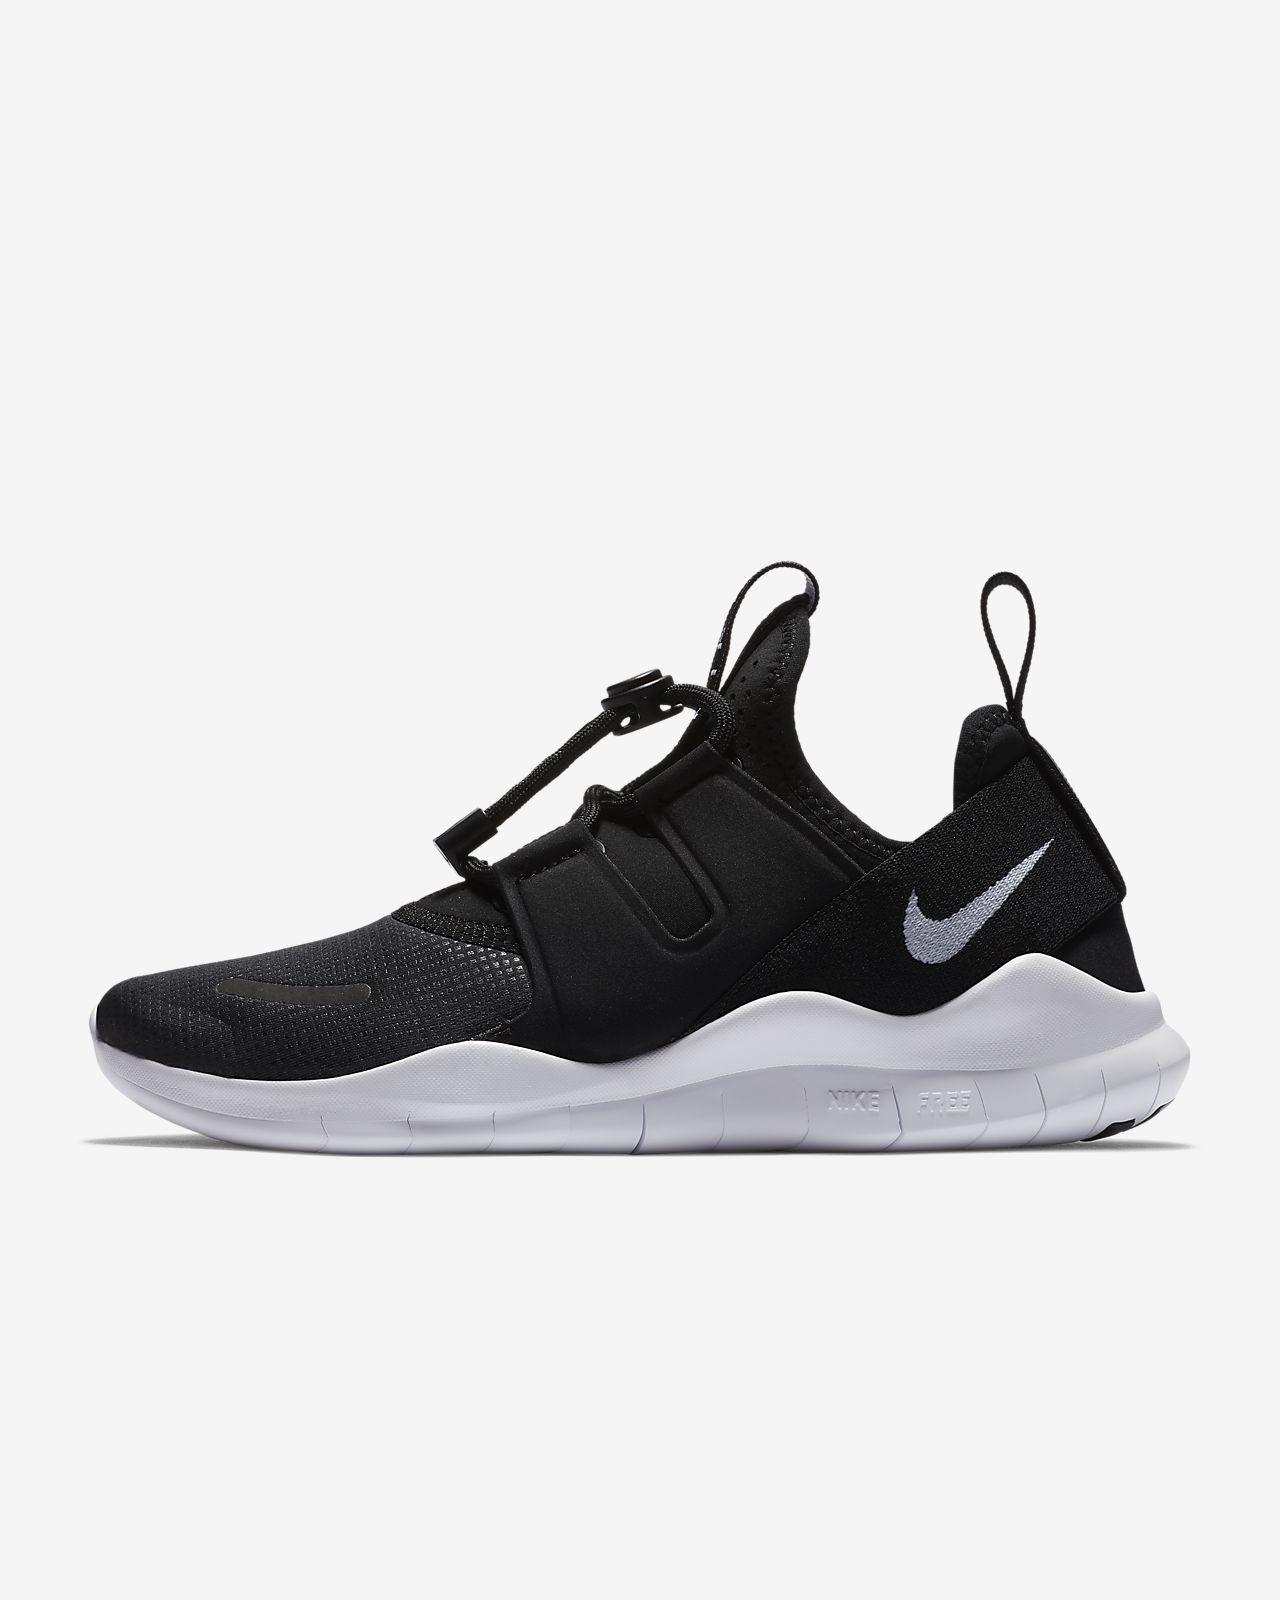 Donna Nike Flywire Taglia UK 5 RAPIDO E GRATUITO consegna